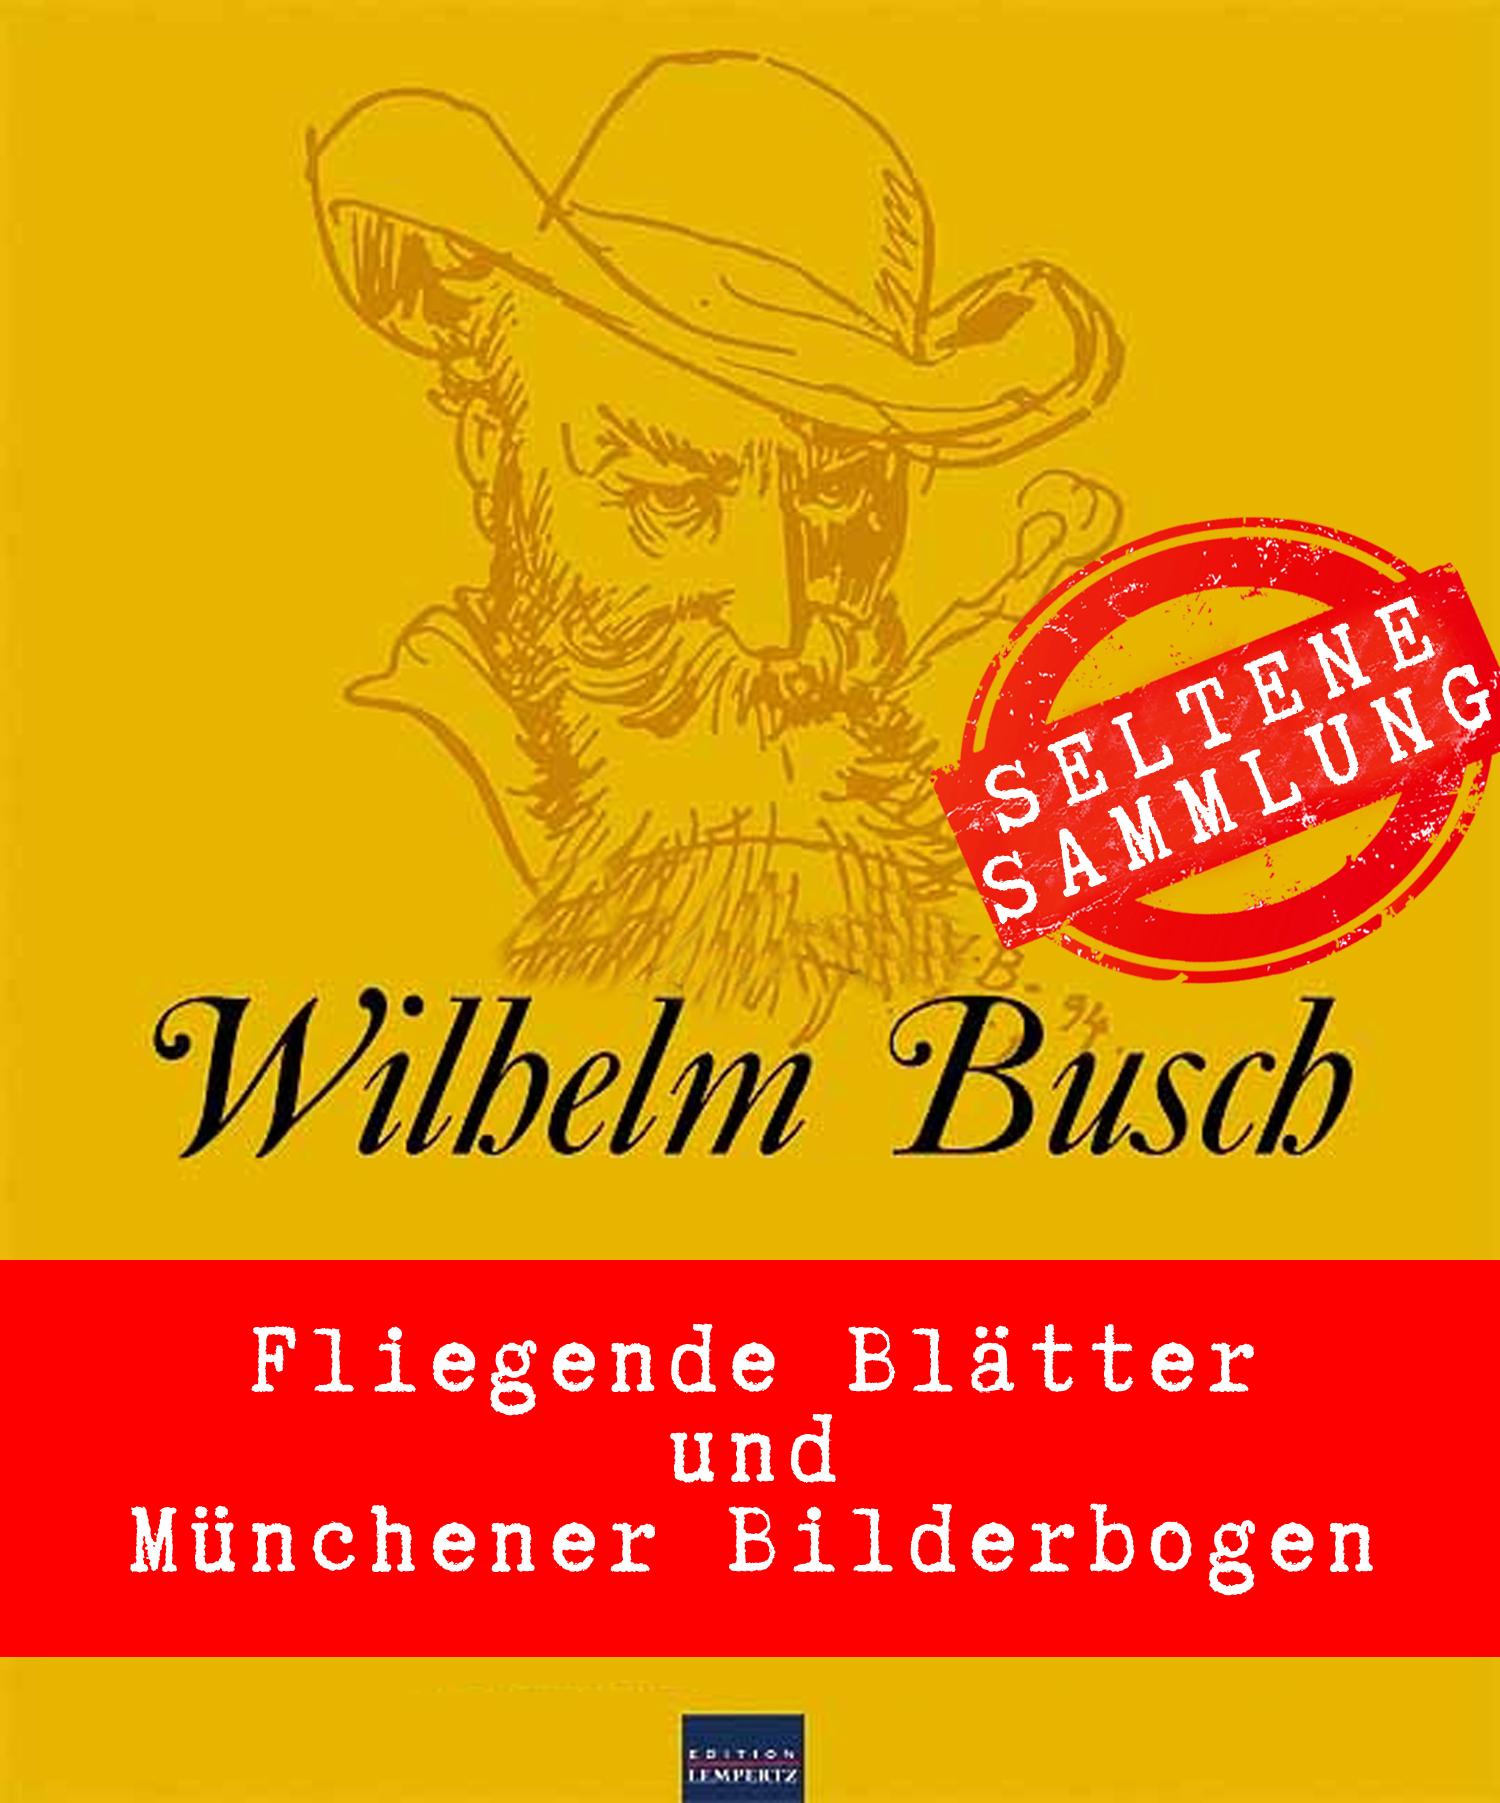 Вильгельм Буш Willhelm Busch: Seltene Sammlung g benda sammlung italienischer arien